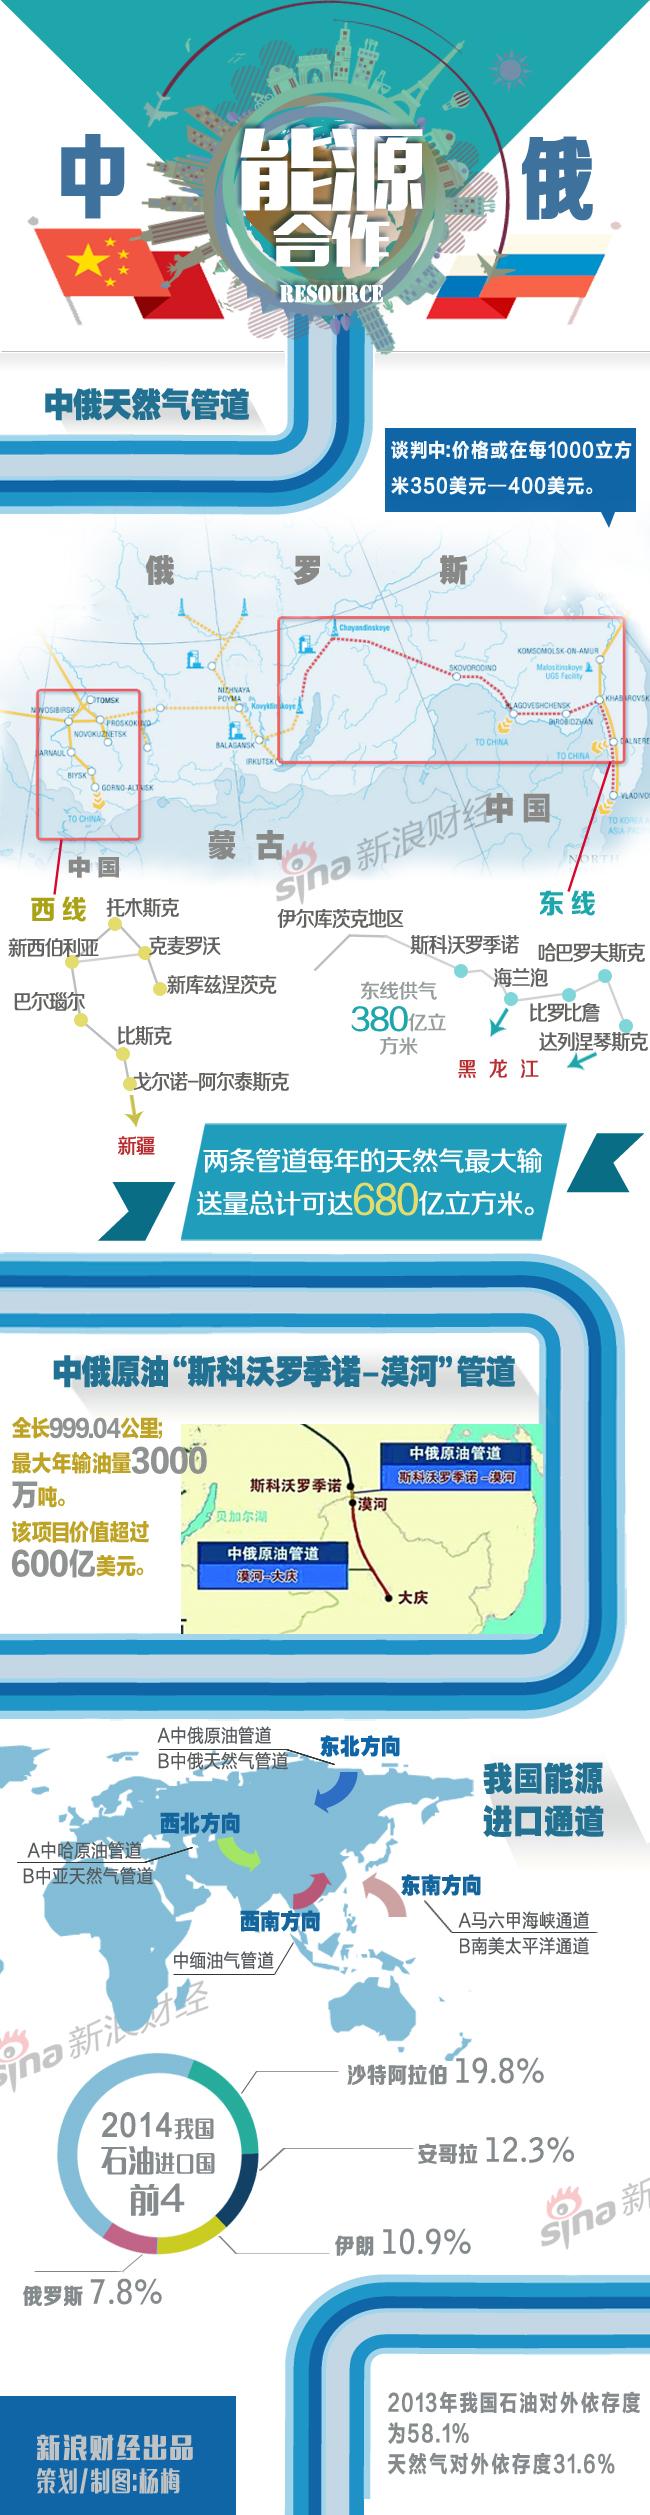 中俄能源合作